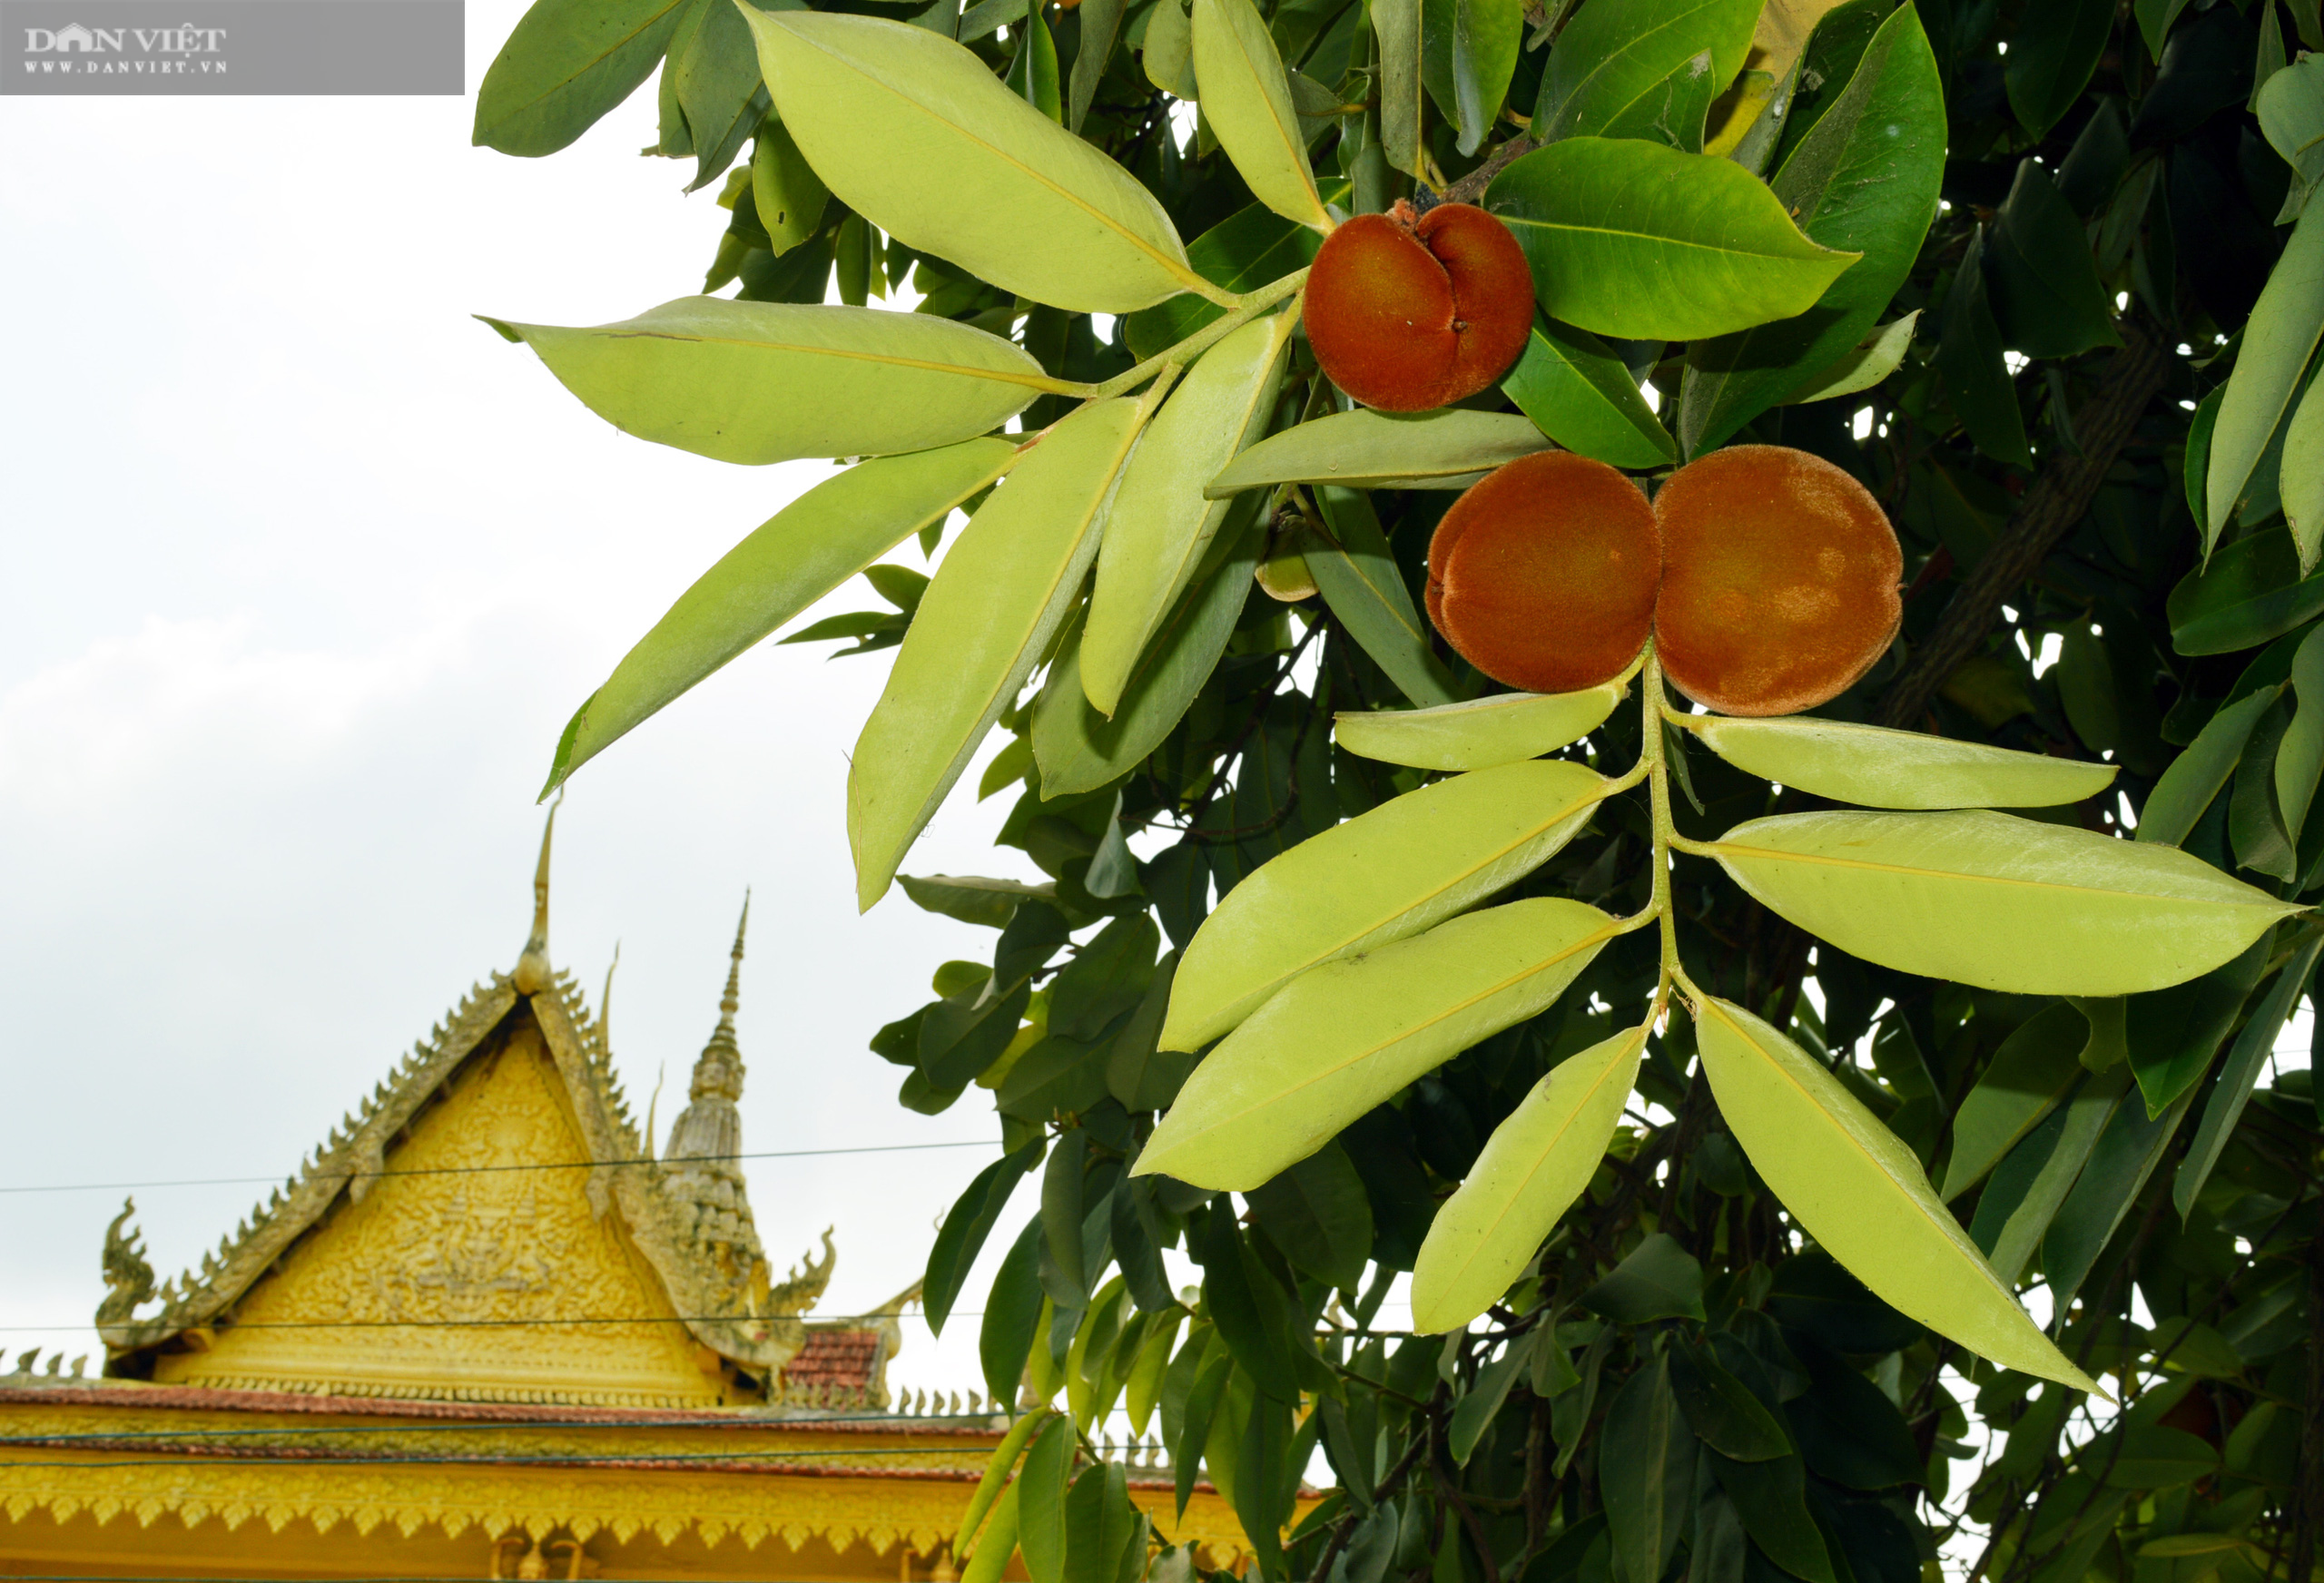 Sóc Trăng: Huyền bí ngôi chùa Khmer hơn 500 tuổi  - Ảnh 7.